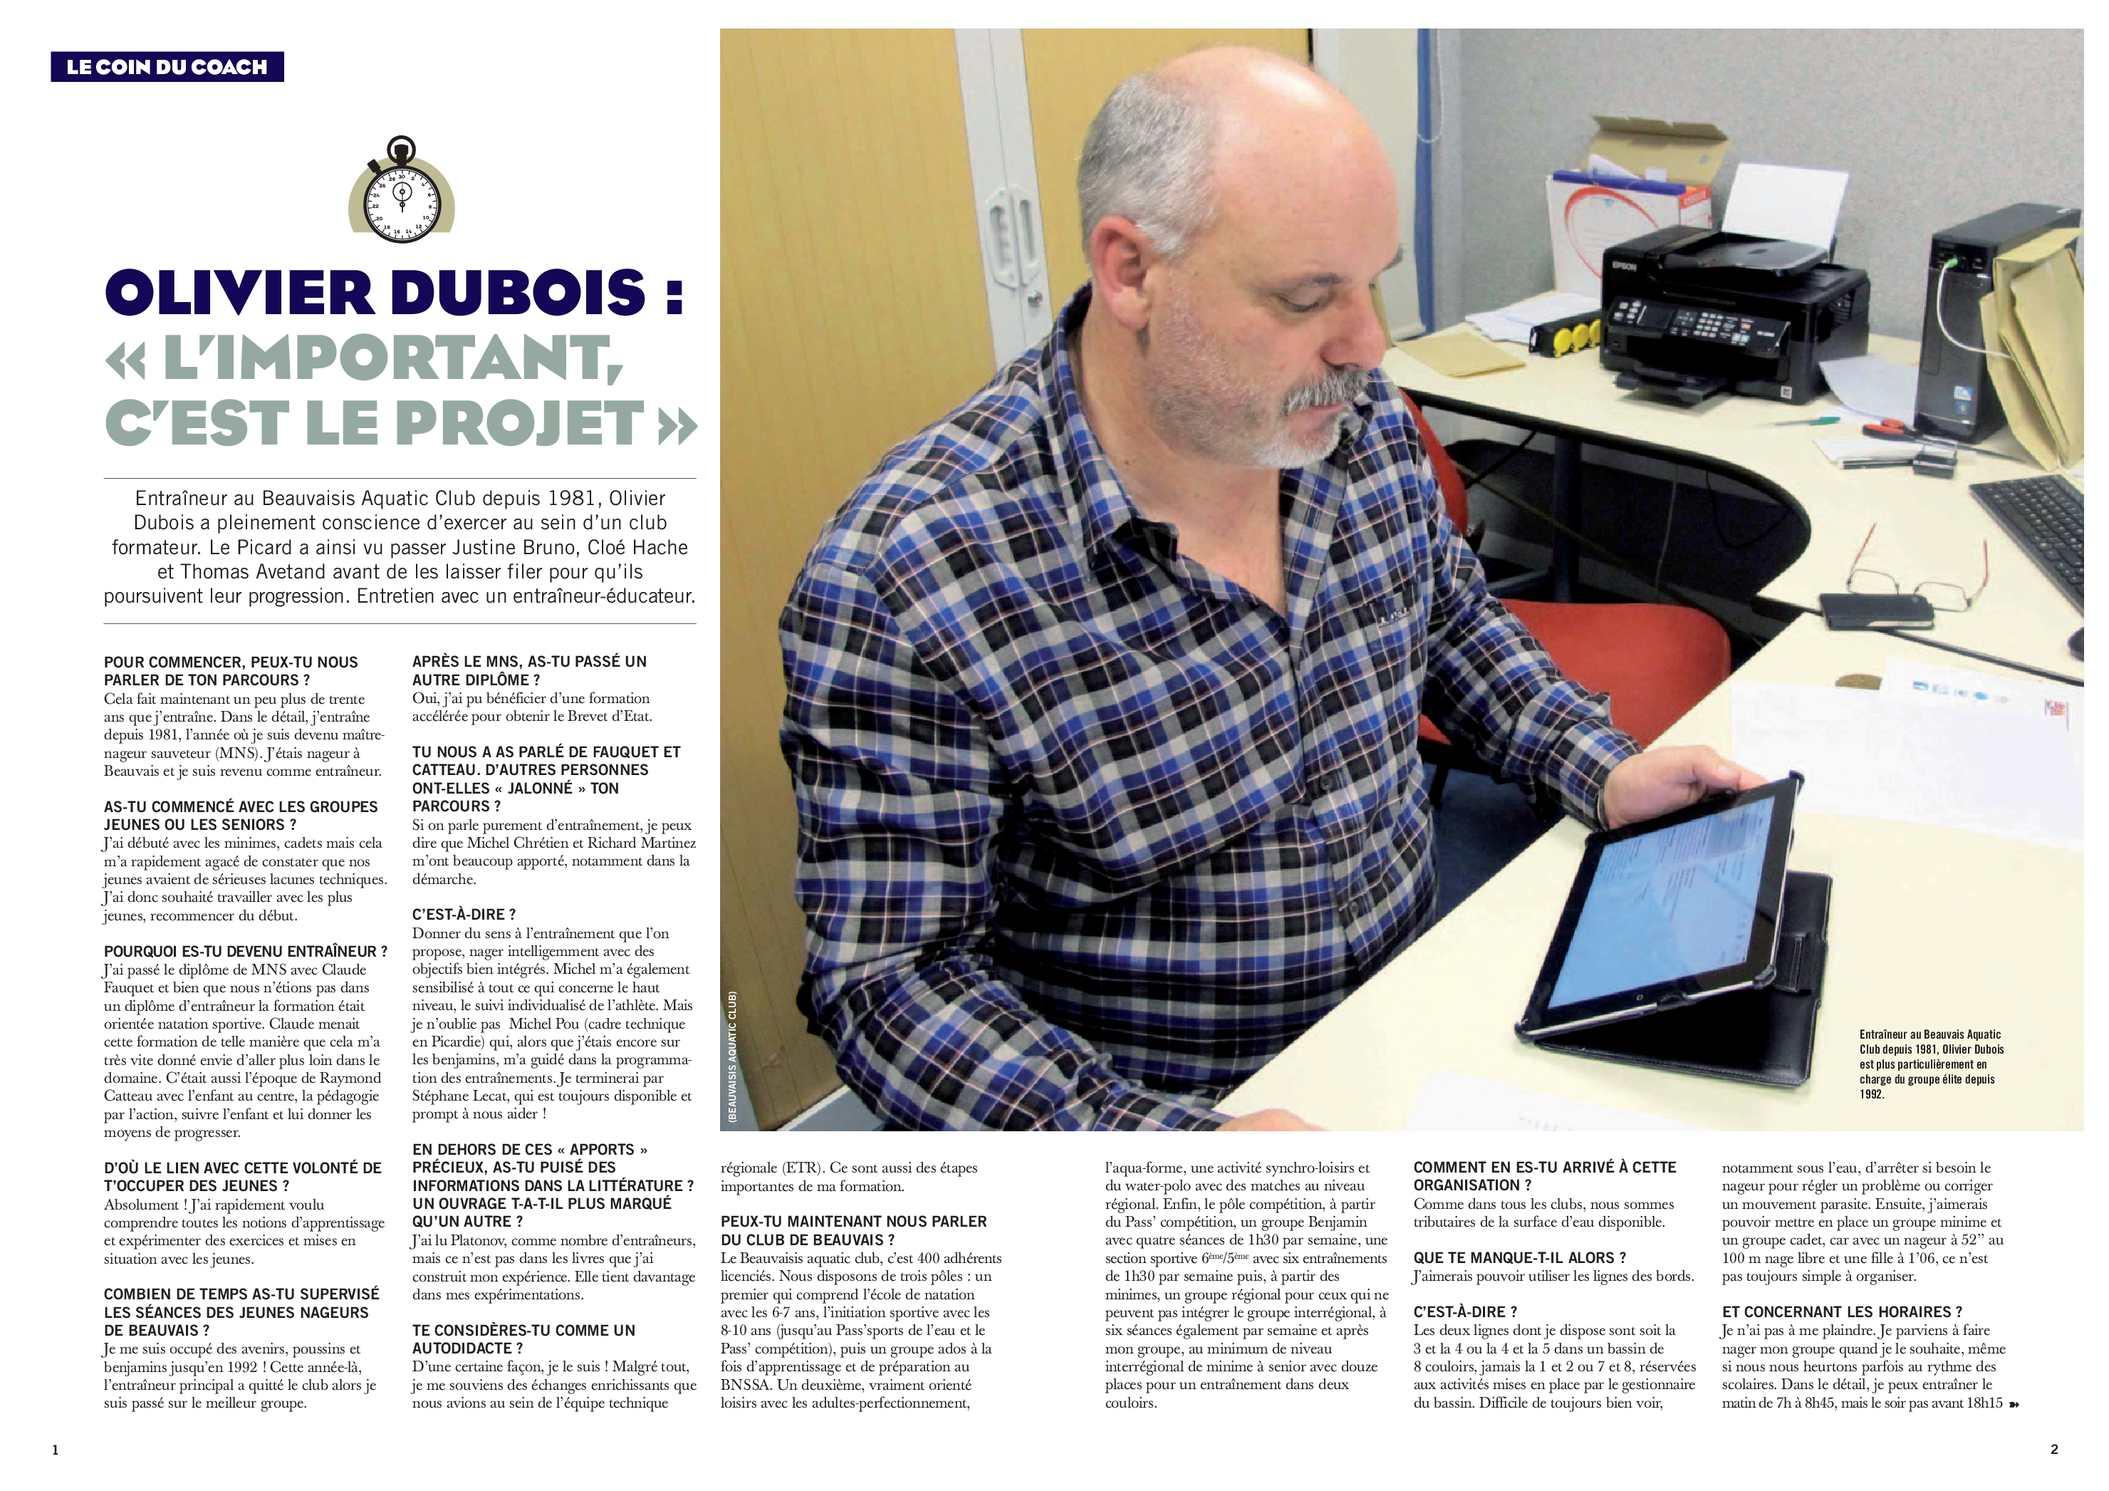 9f07018517 Calaméo - Coin Du Coach Olivier Dubois